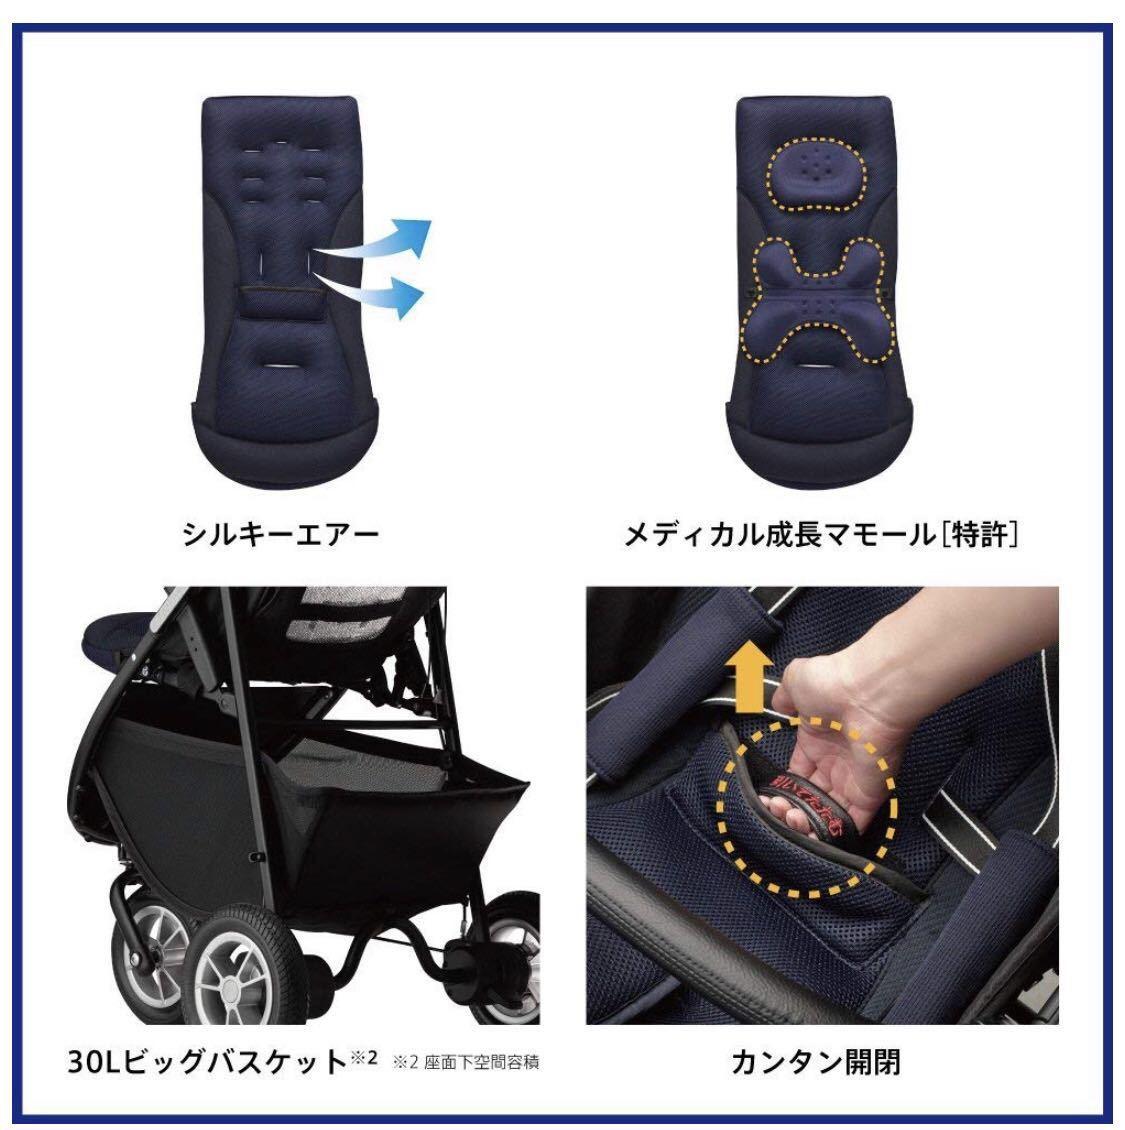 【新品】 スムーヴAC アップリカ ベビーカー ピンク_画像3